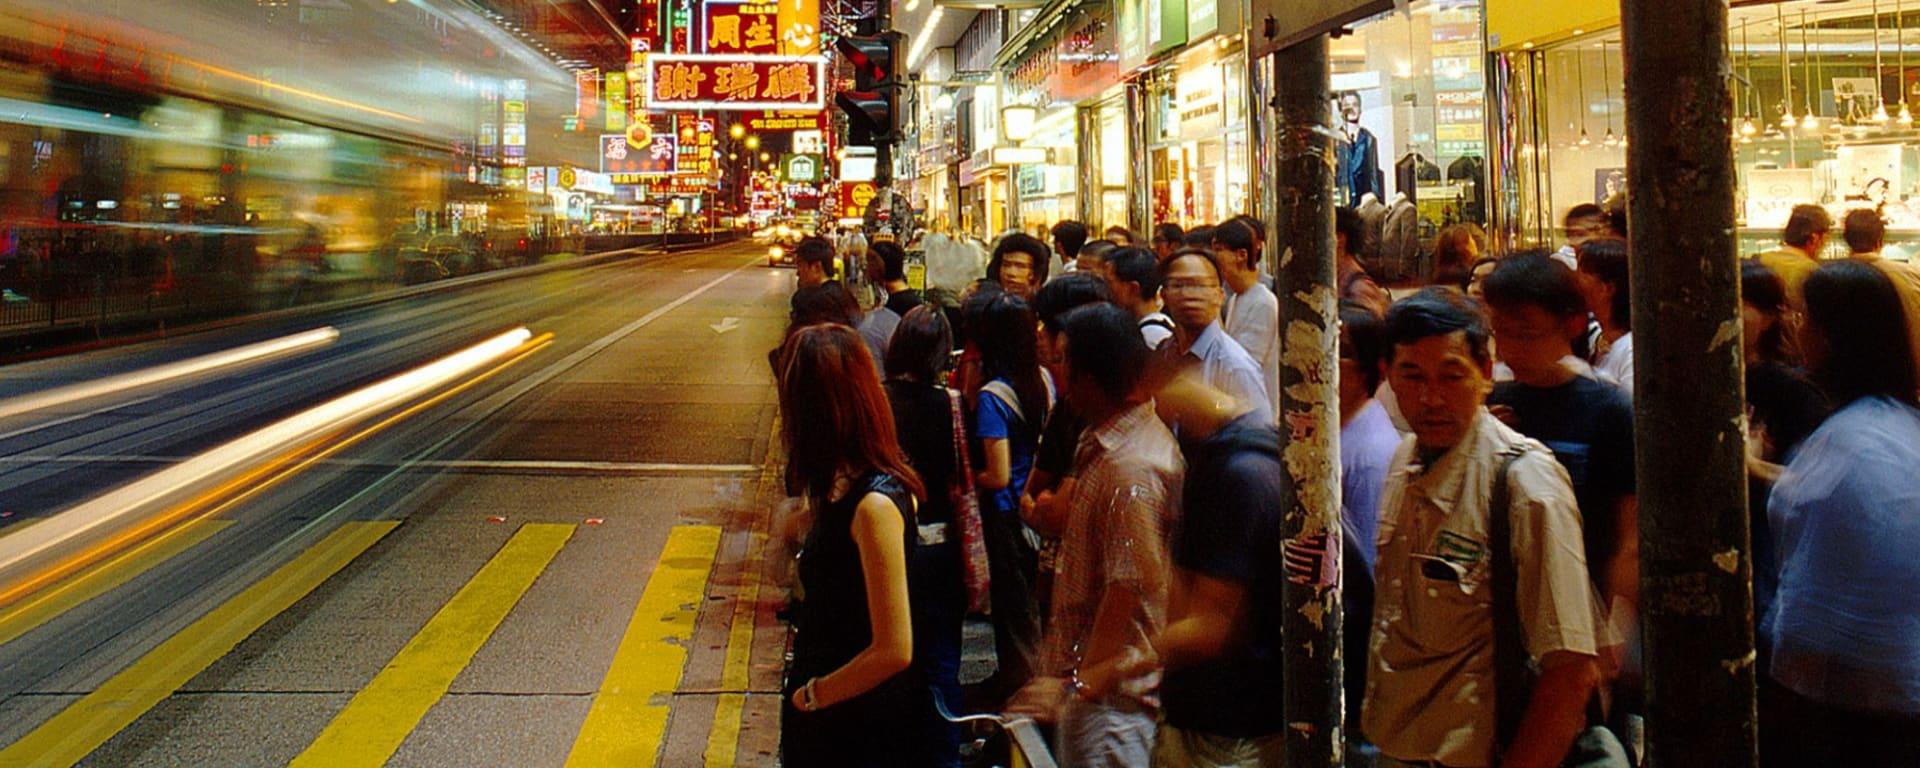 Wissenswertes zu Hong Kong Reisen und Ferien: Hong Kong Nathan Road